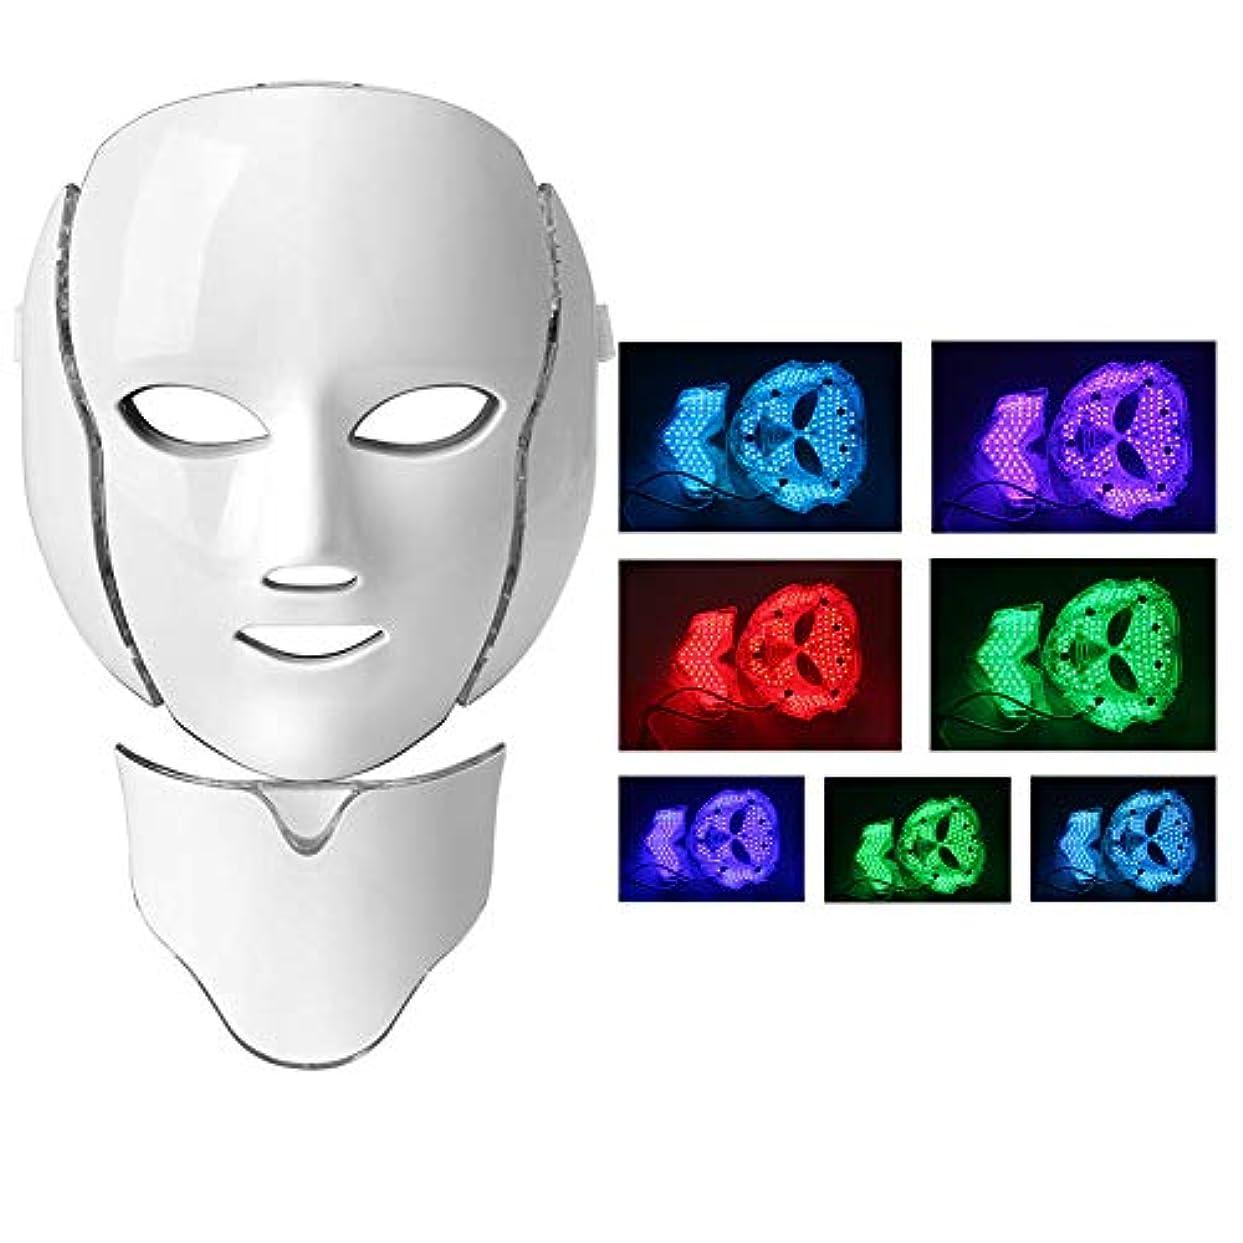 光療法フェイスマスク、光子療法7色のにきび治療Led光子マスク顔スキンケア抗老化キット